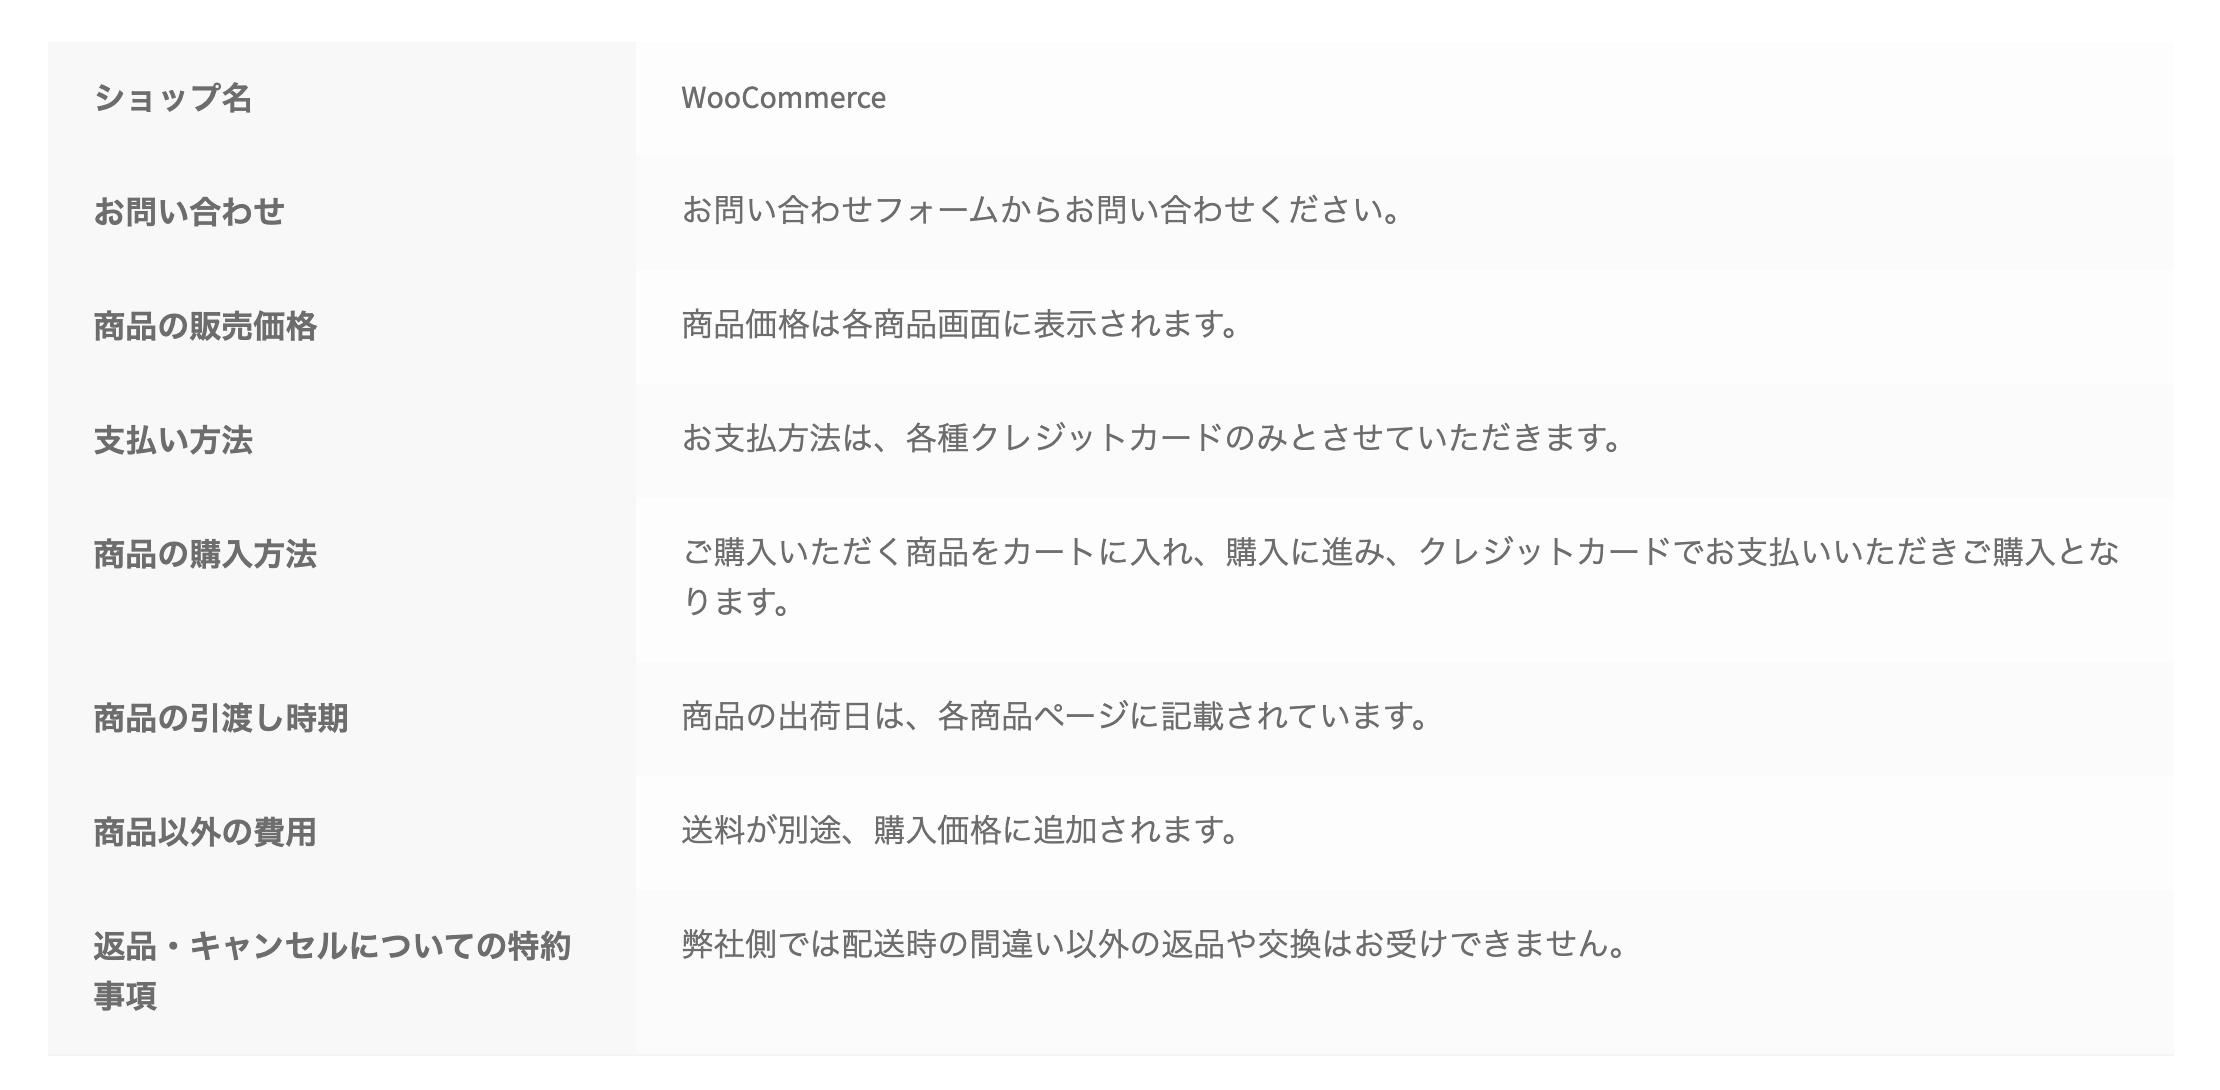 WooCommerceの特商法ページ